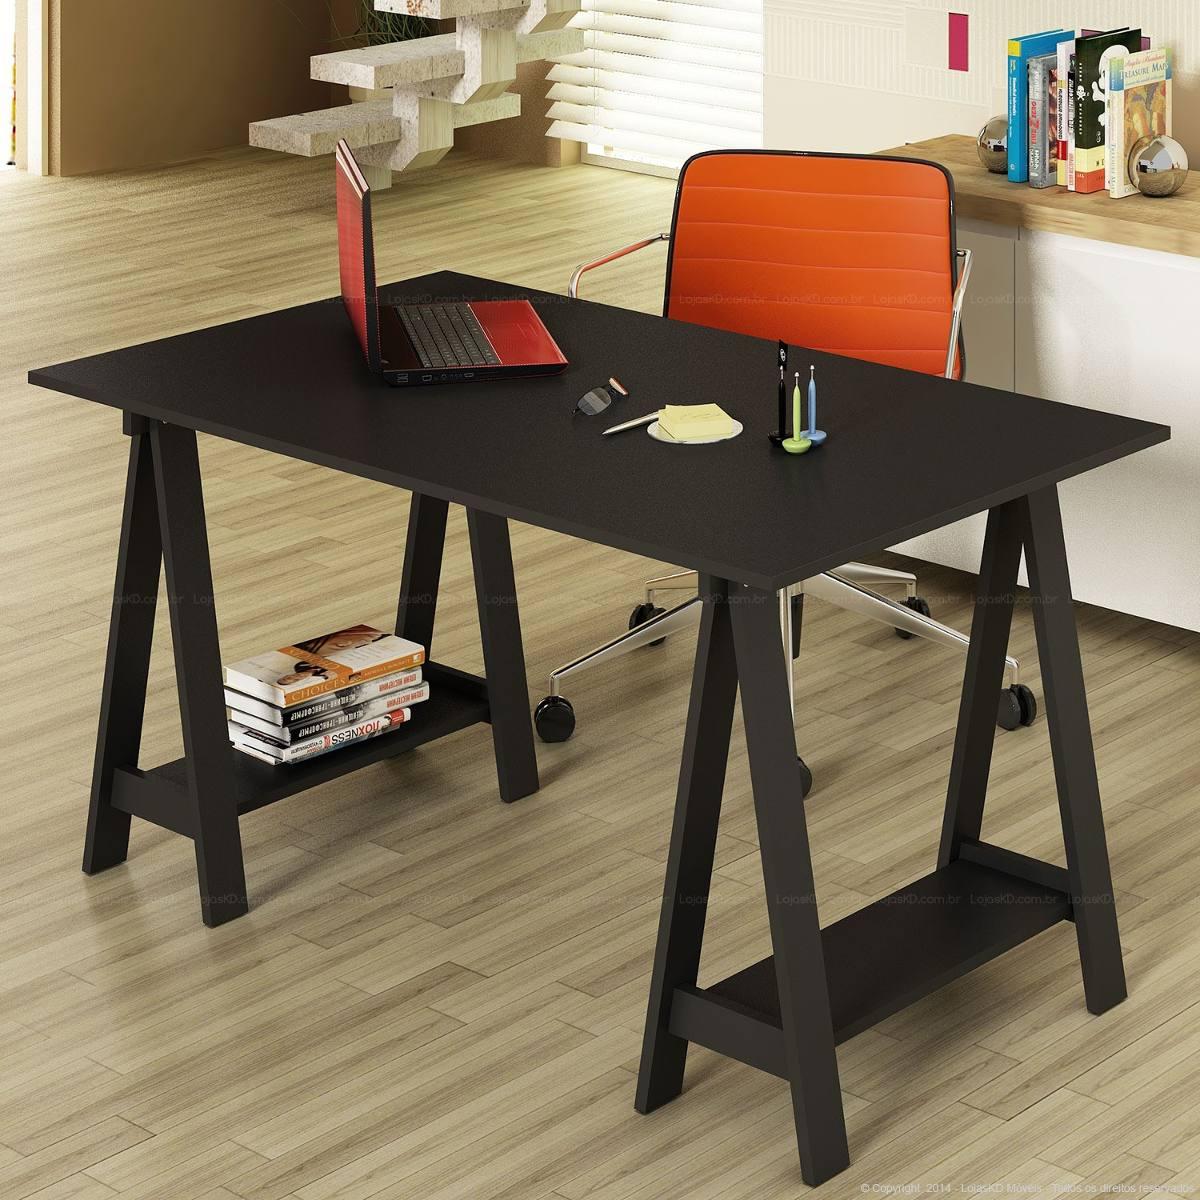 Mesa Escrivaninha Cavalete Mdf Uvim R$ 449 90 no MercadoLivre #B54016 1200x1200